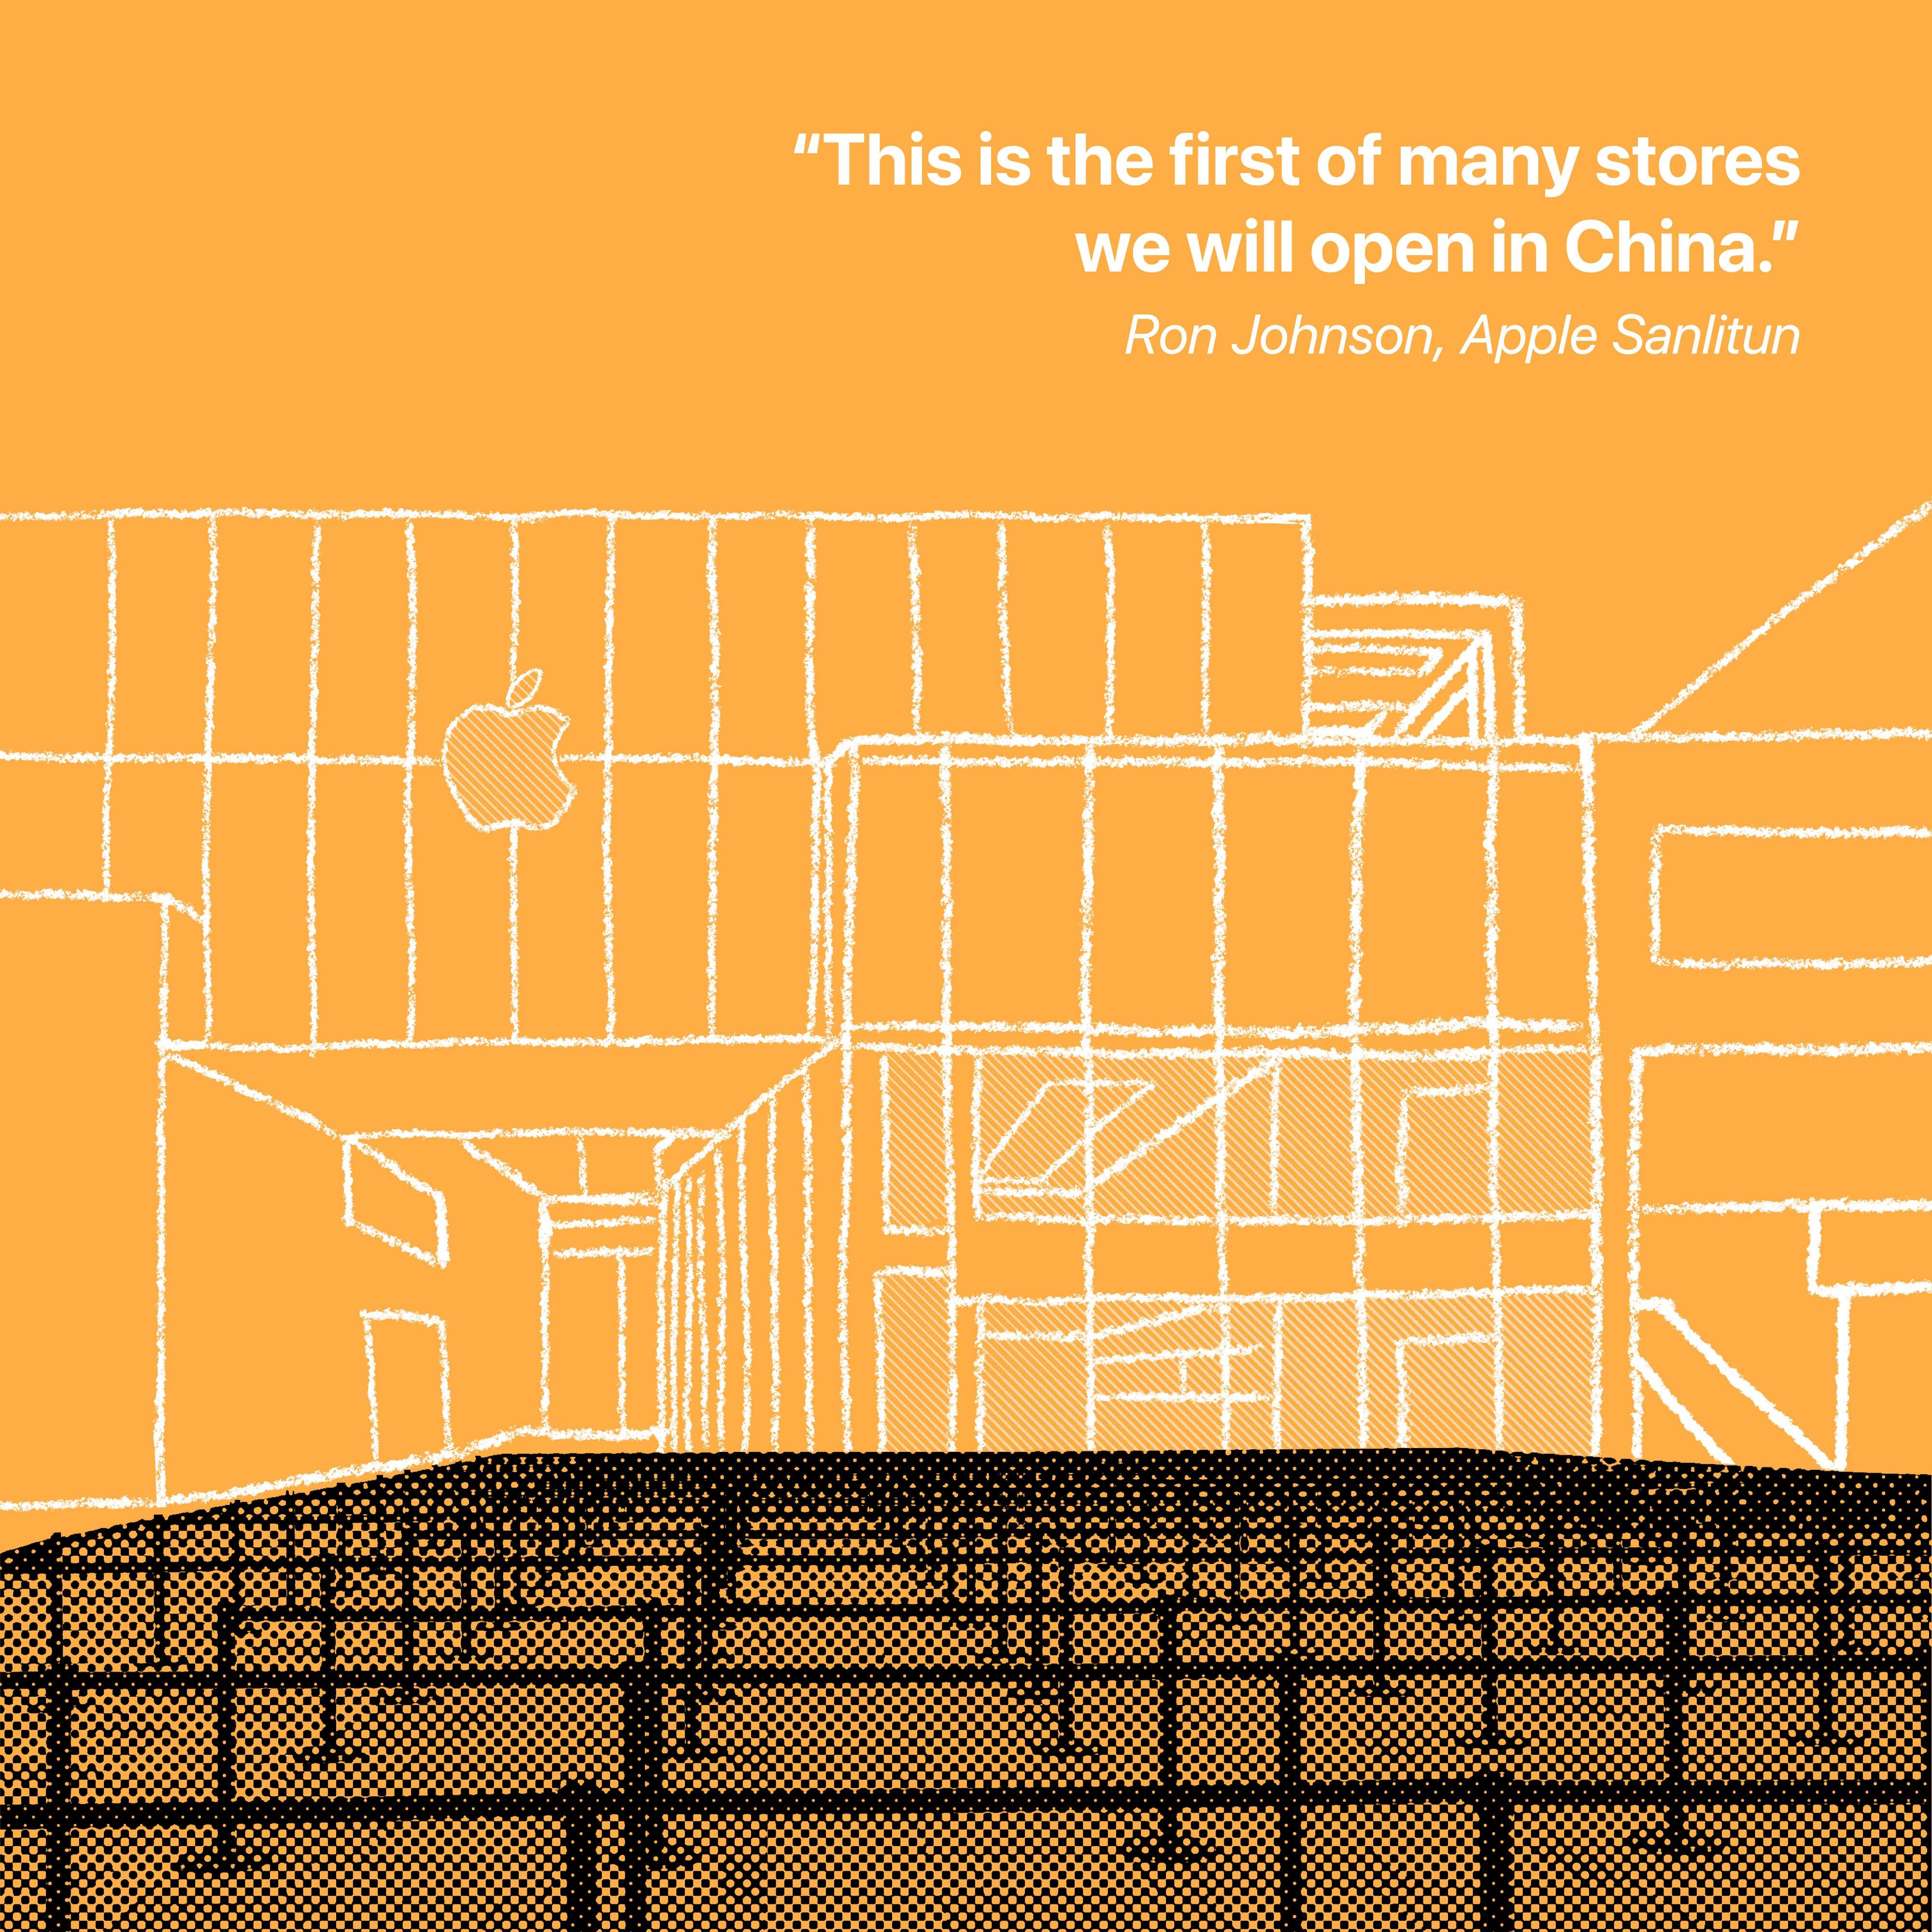 """""""C'est le premier des nombreux magasins que nous ouvrirons en Chine."""" Ron Johnson, Apple Sanlitun"""